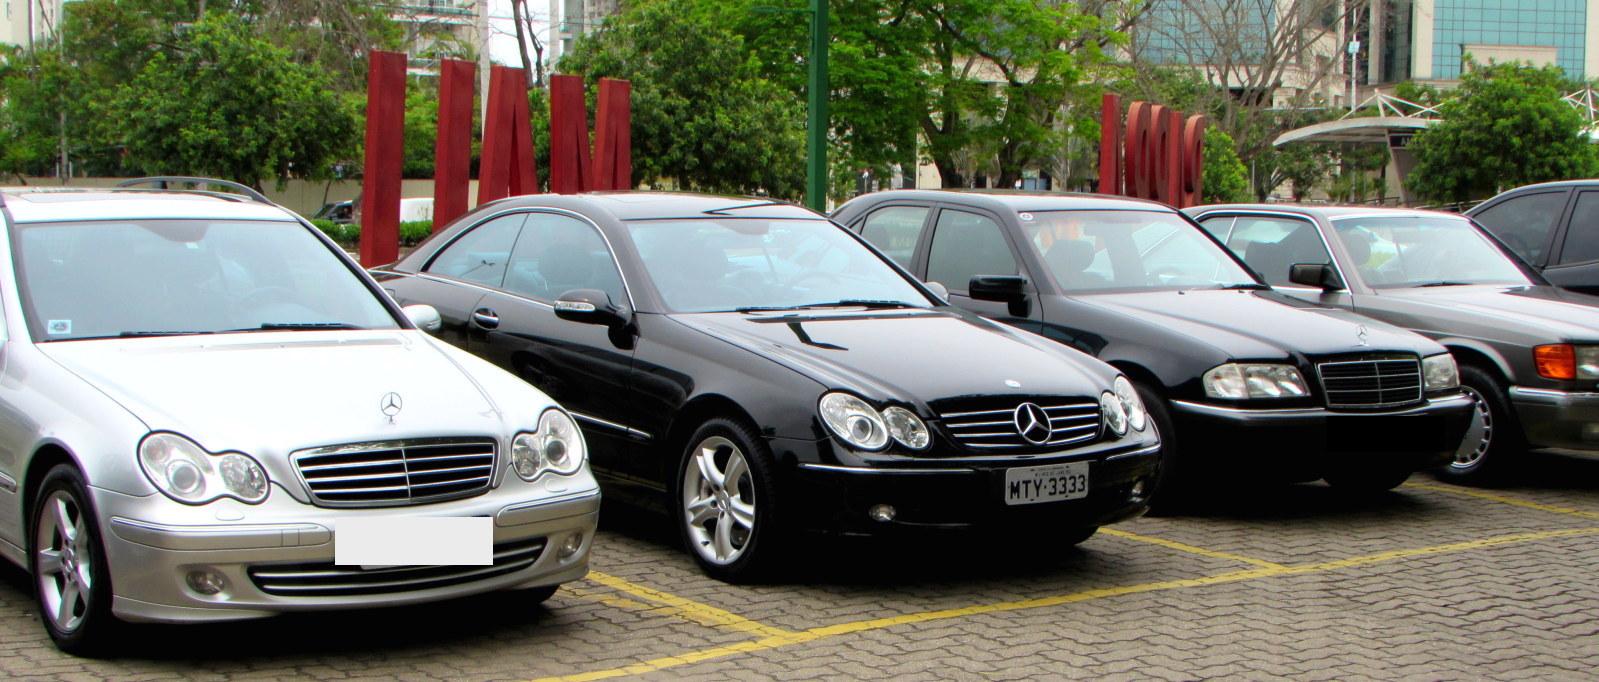 (VENDO): CLK500 Avantgarde 2004/2004 - R$85.000,00 (VENDIDA) 2medg06